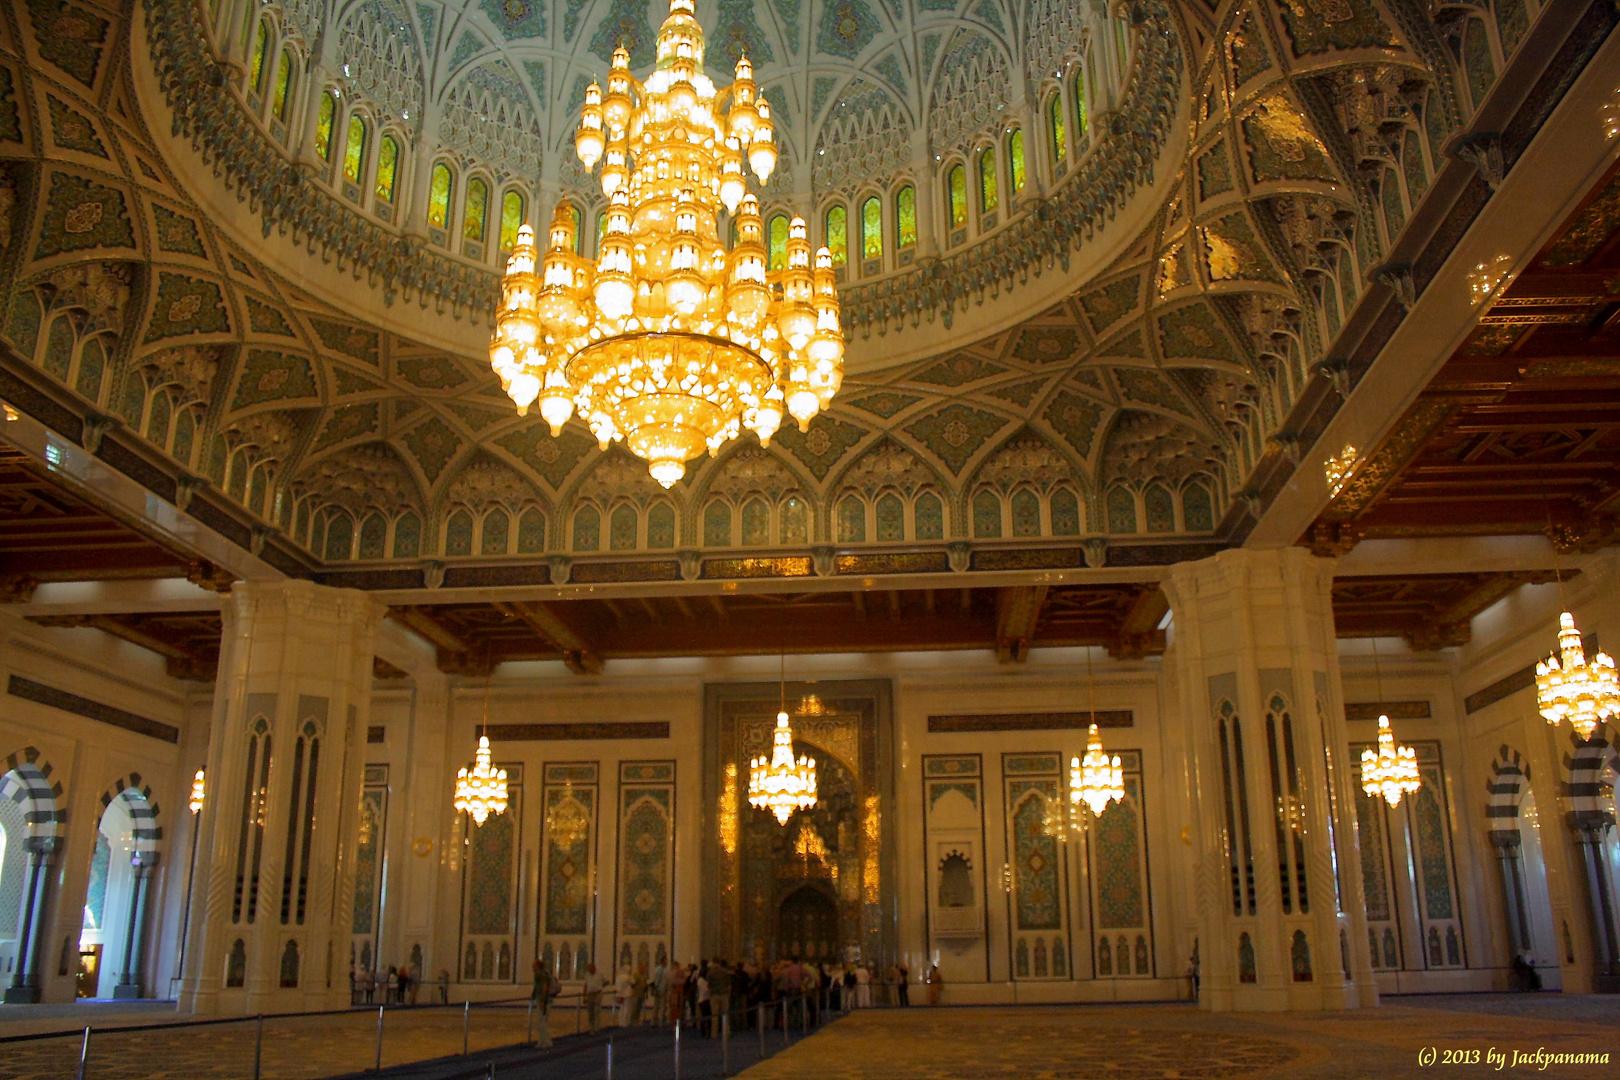 Besichtigung der Sultan-Qaboos-Moschee in Muscat (Sultanat Oman) (4)